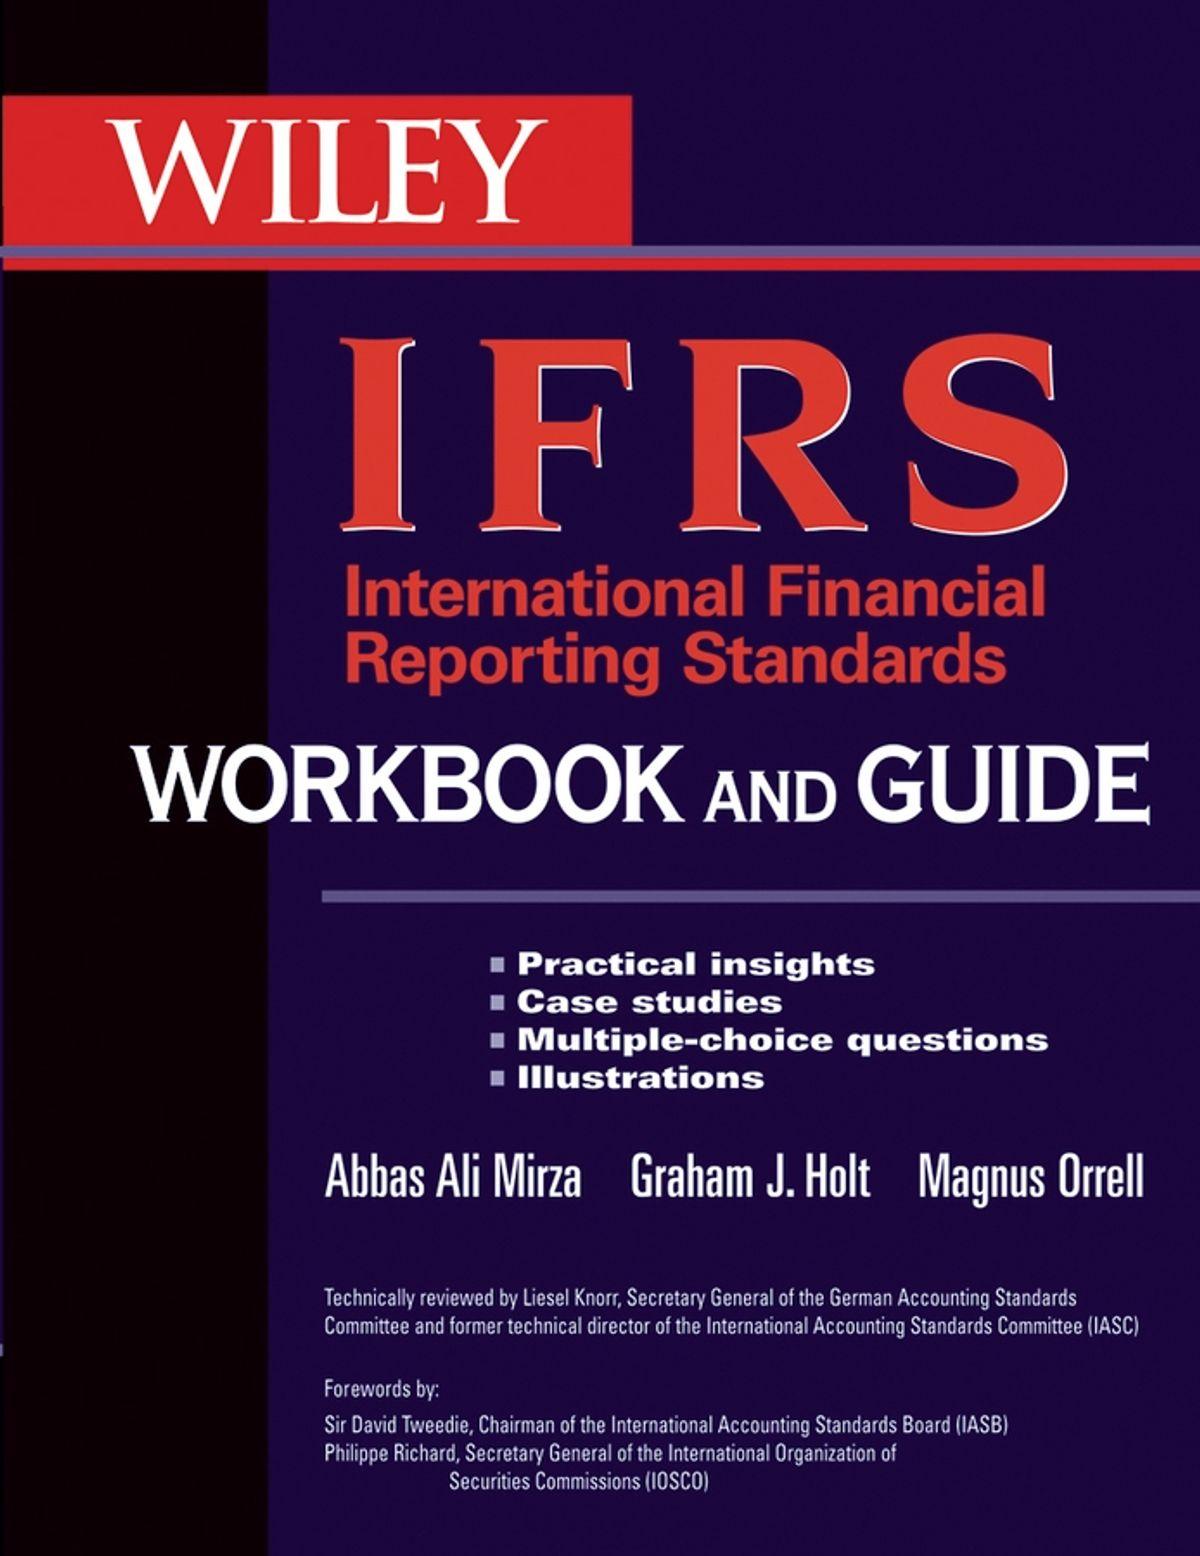 كتاب ودليل المعايير الدولية لإعداد التقارير المالية